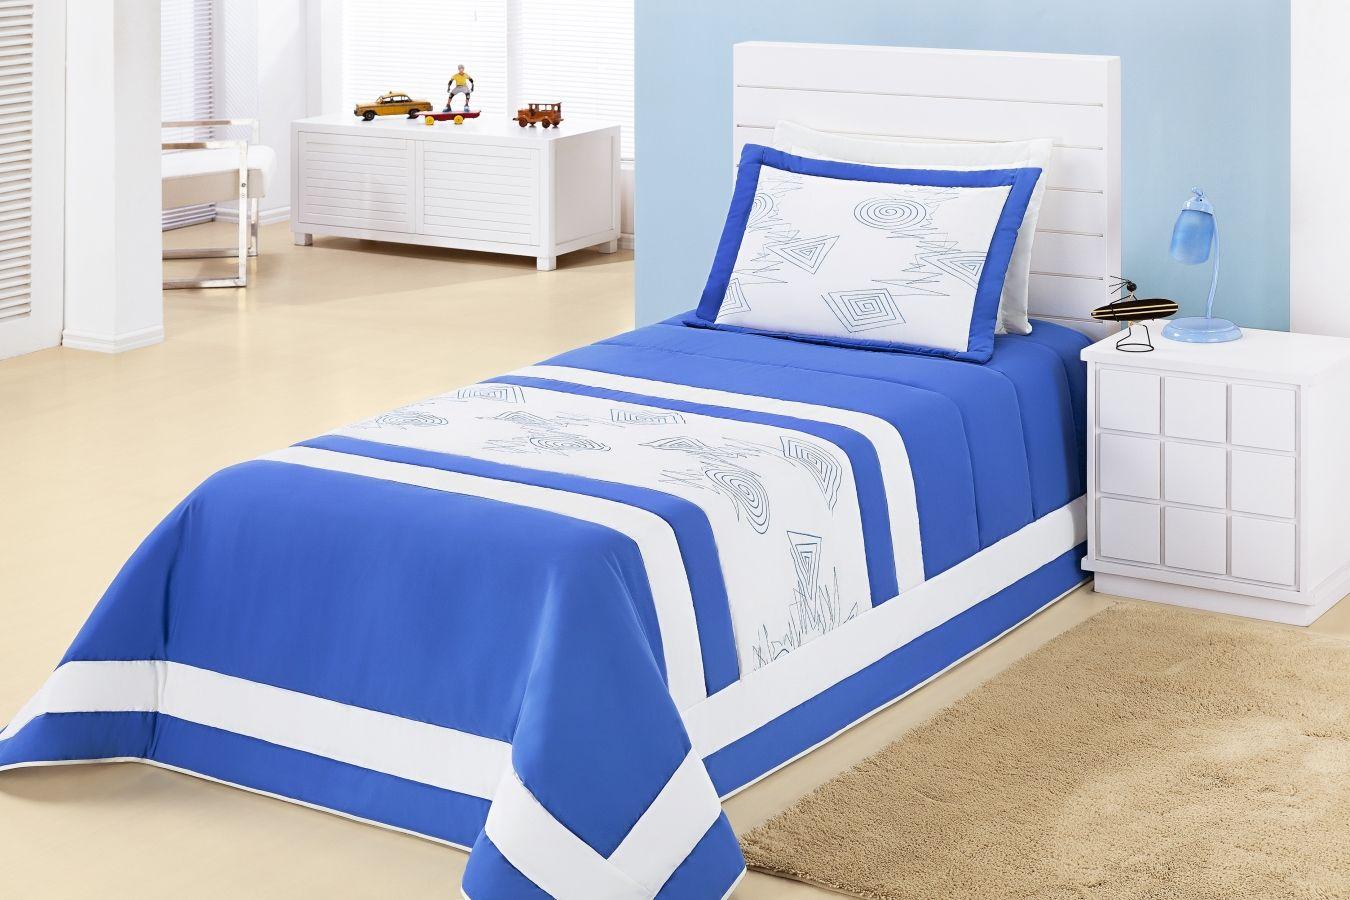 COBRE LEITO SOLTEIRO KAUAN , para informações mais detalhadas deste produto visite nosso site: www.casanovaenxovais.com.br